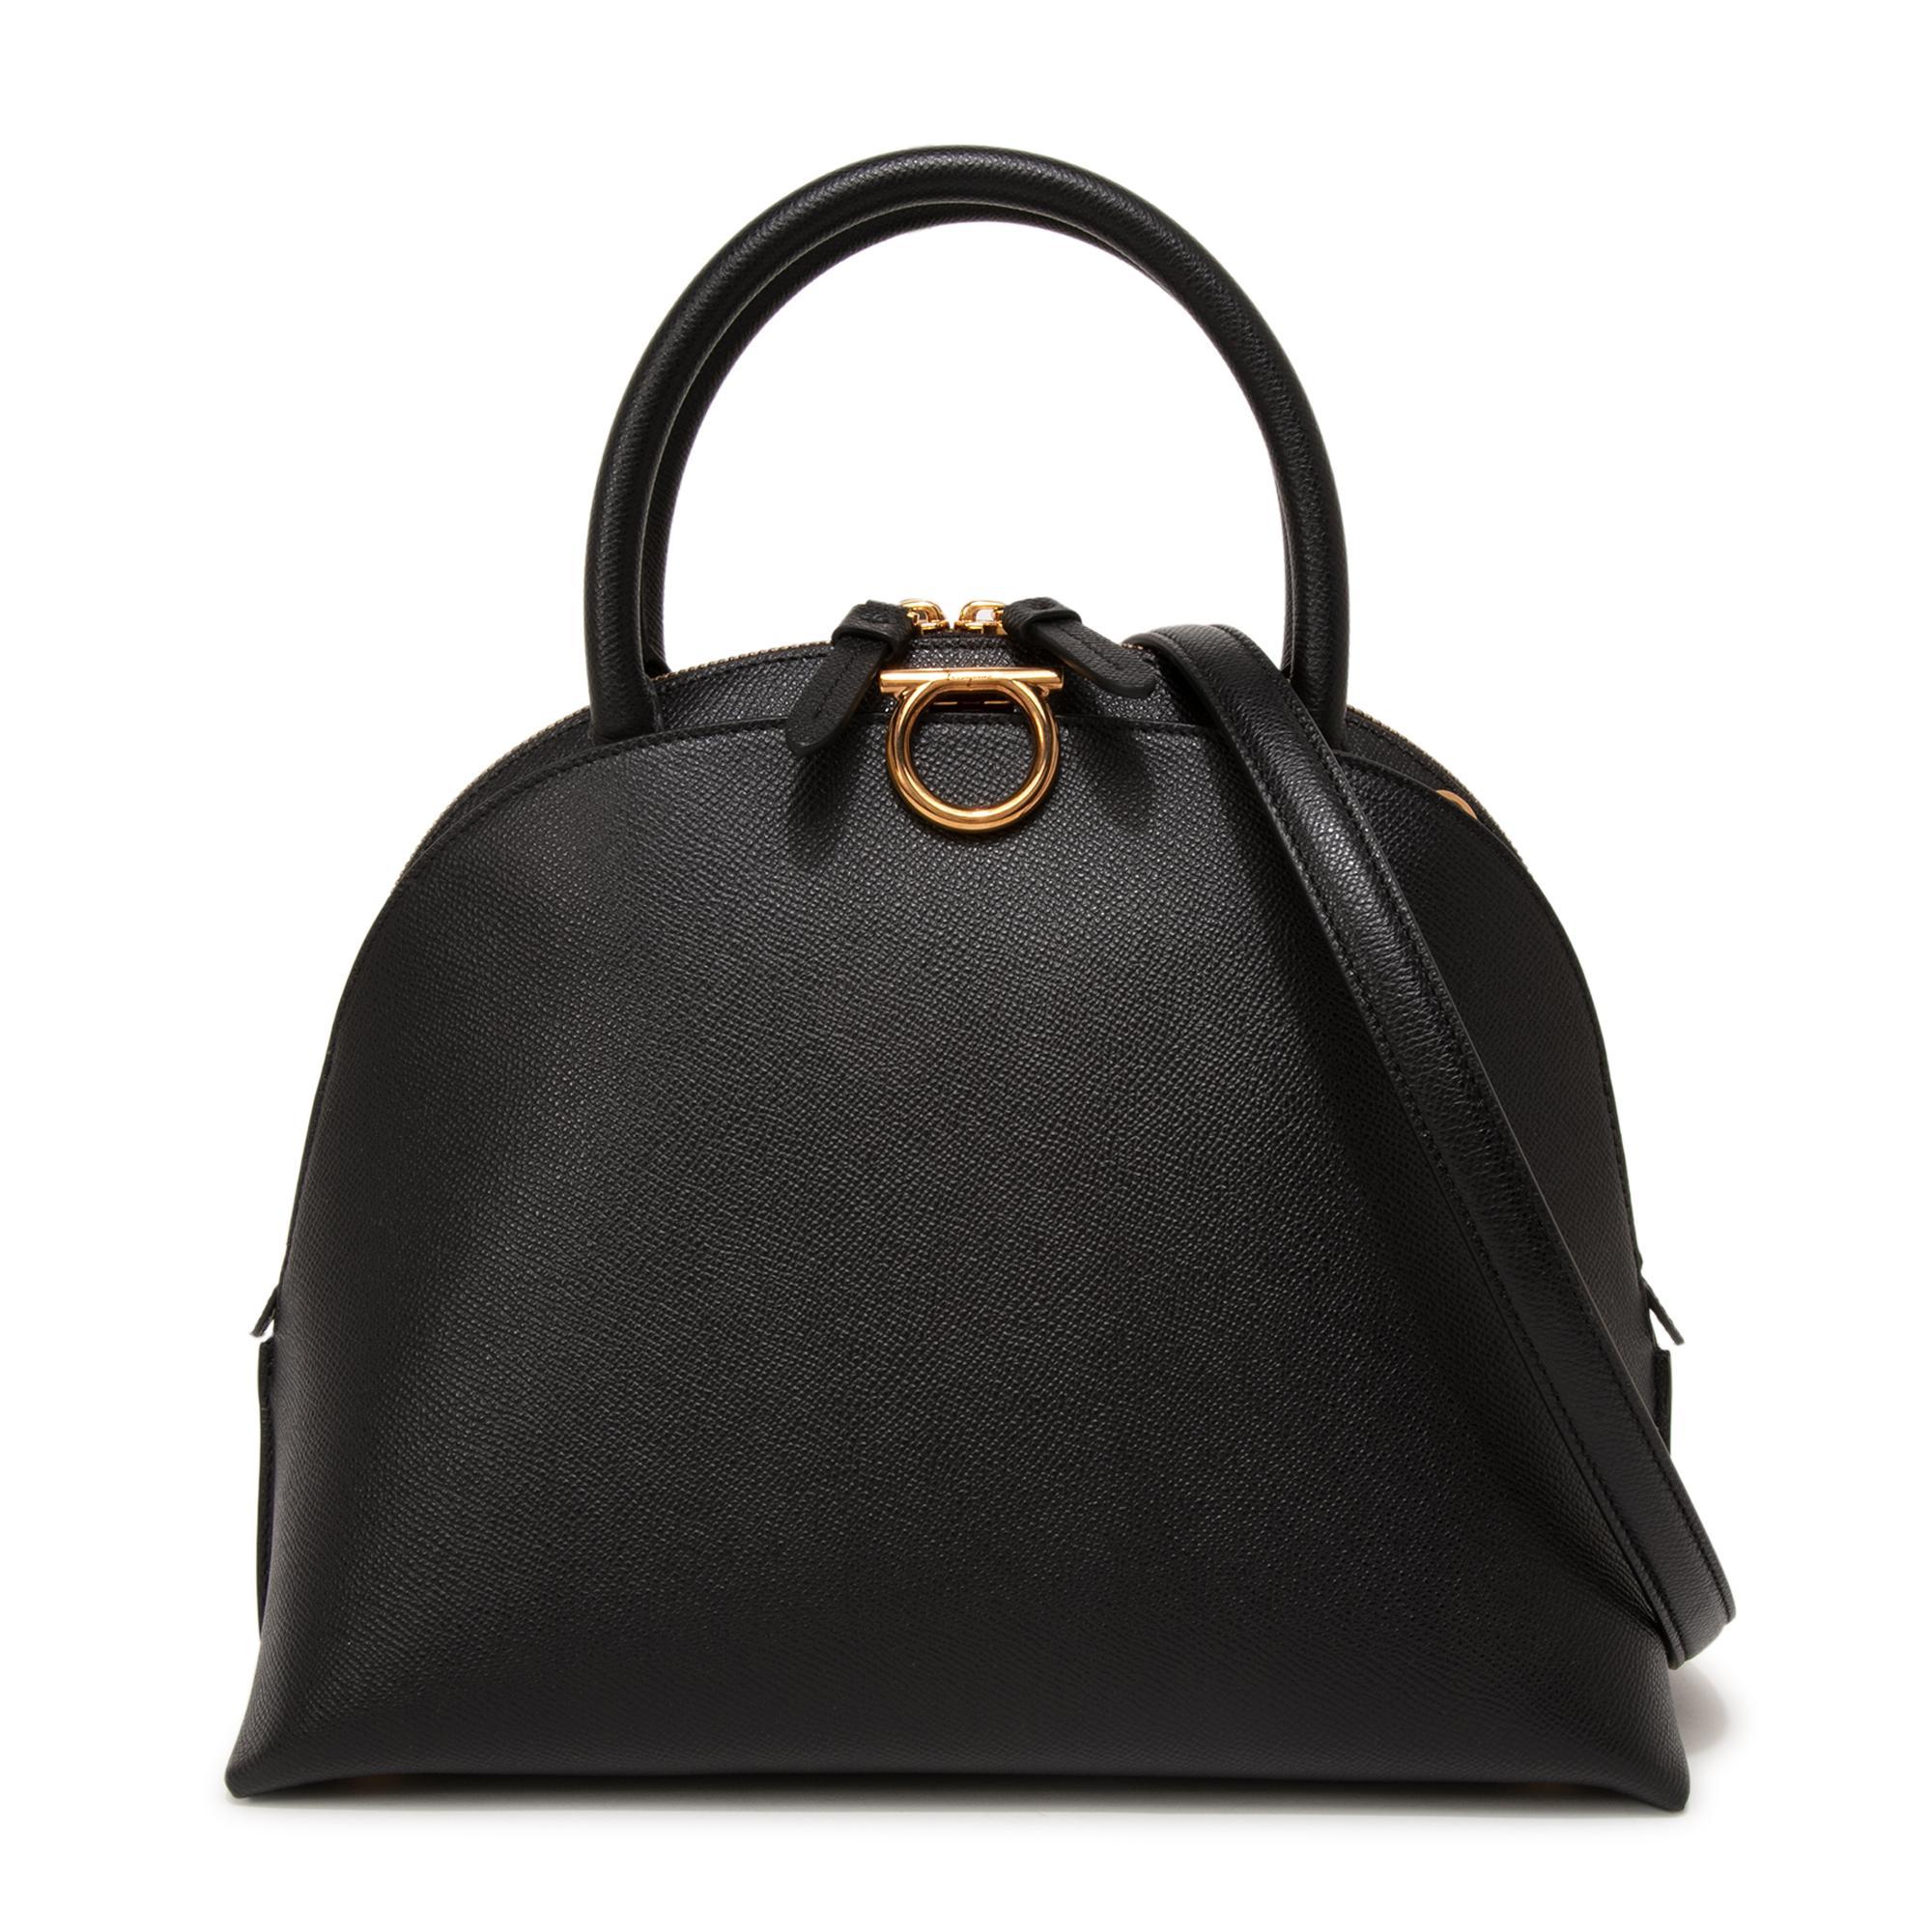 Gancini medium top handle bag